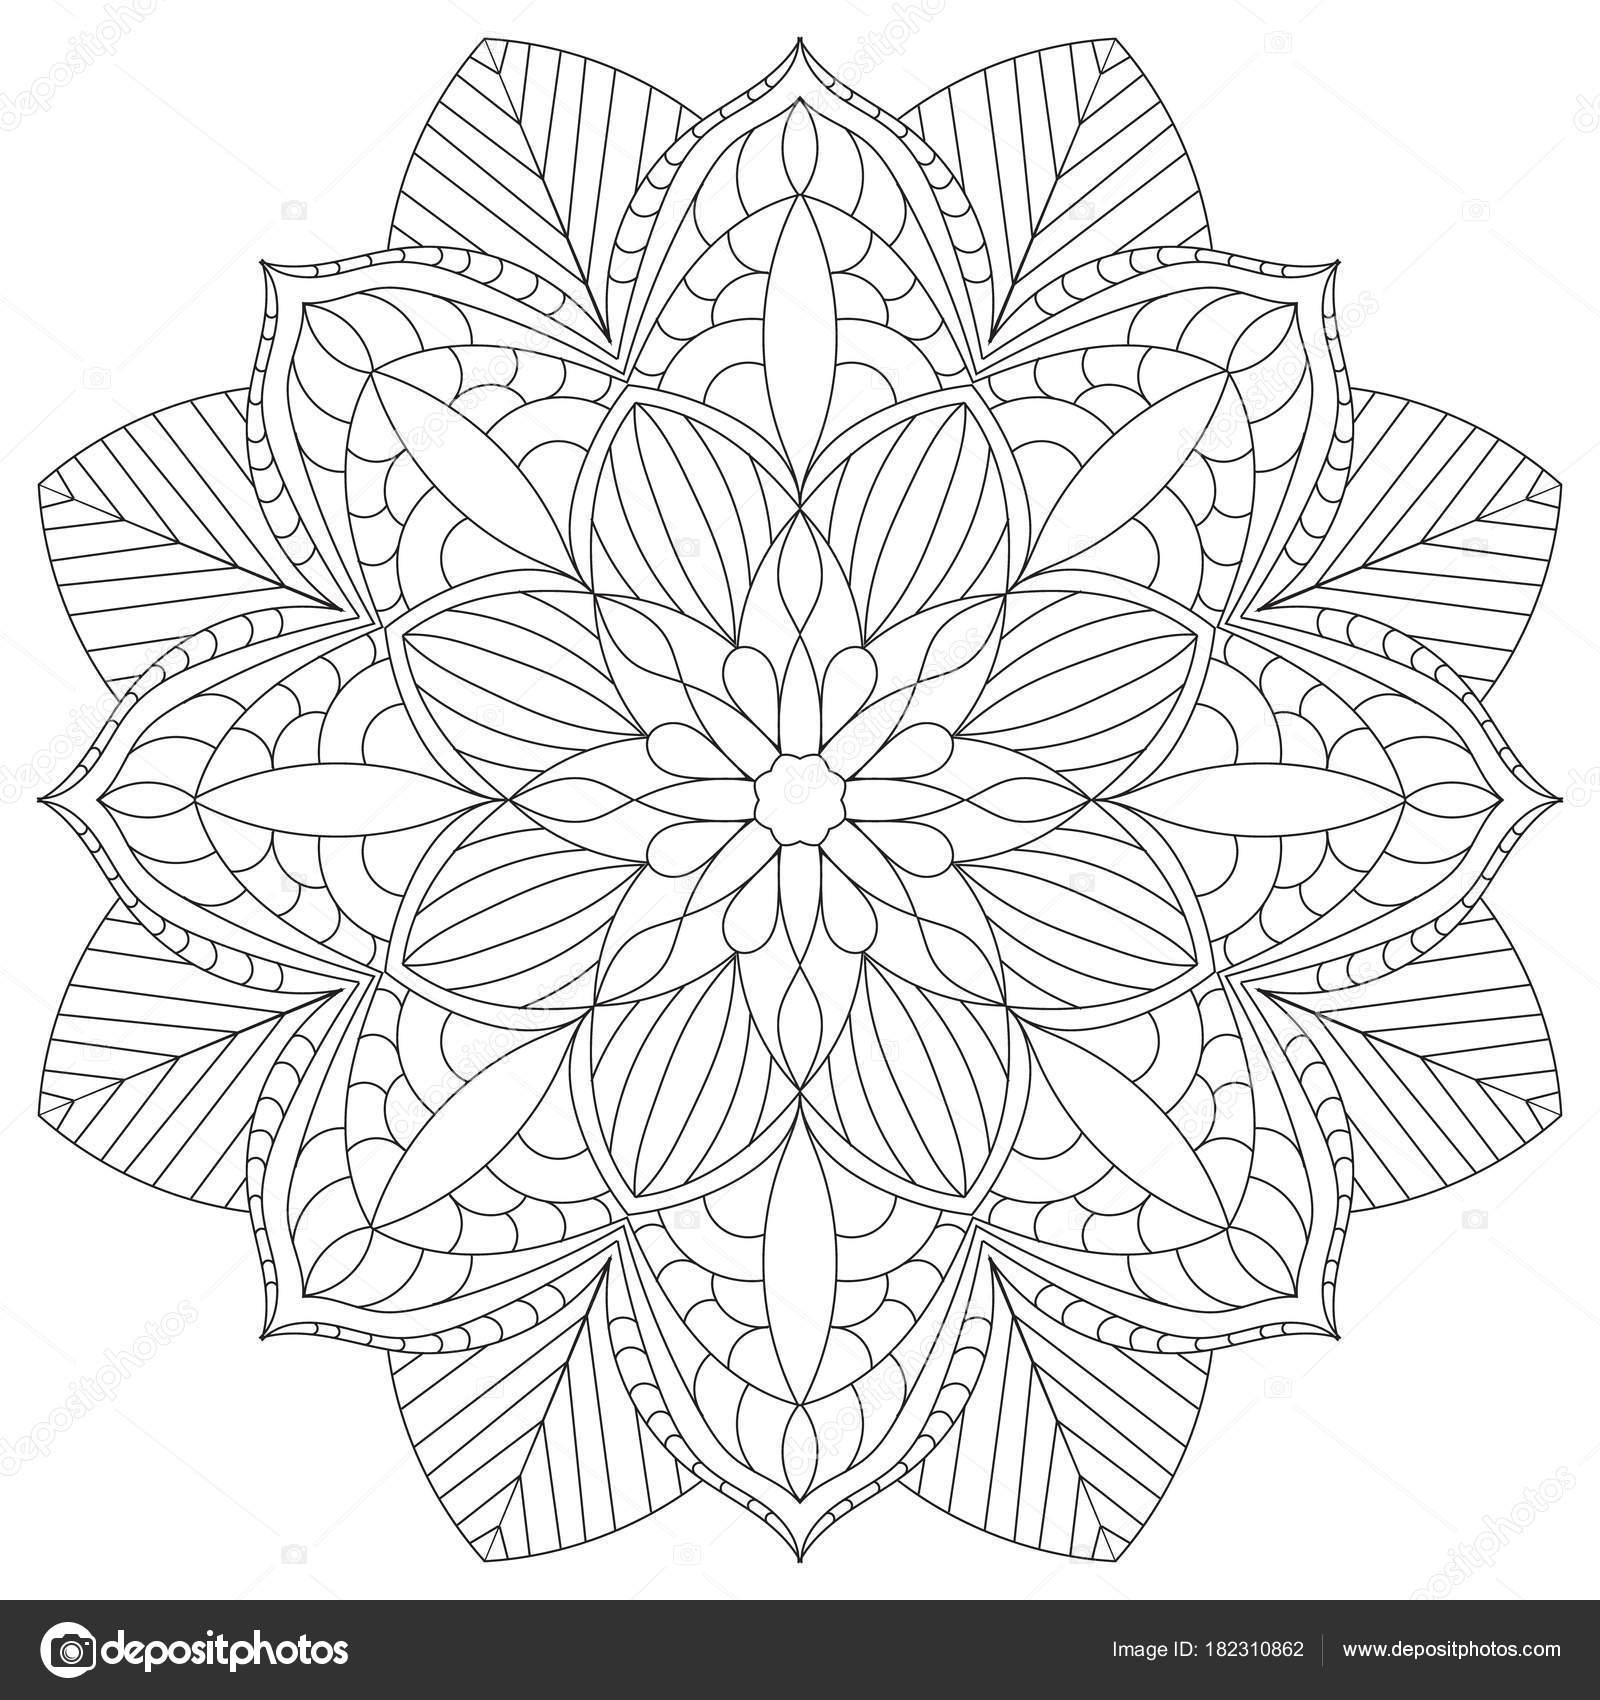 çiçek Dairesel Mandala Yetişkinler Için Boyama Kitabı Sayfa Tasarım